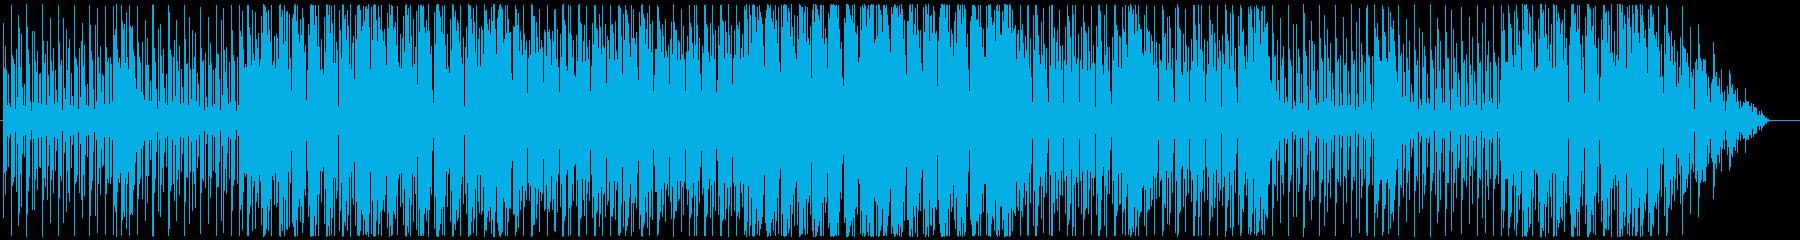 【Loop】ノリのいいメタル調のBGMの再生済みの波形